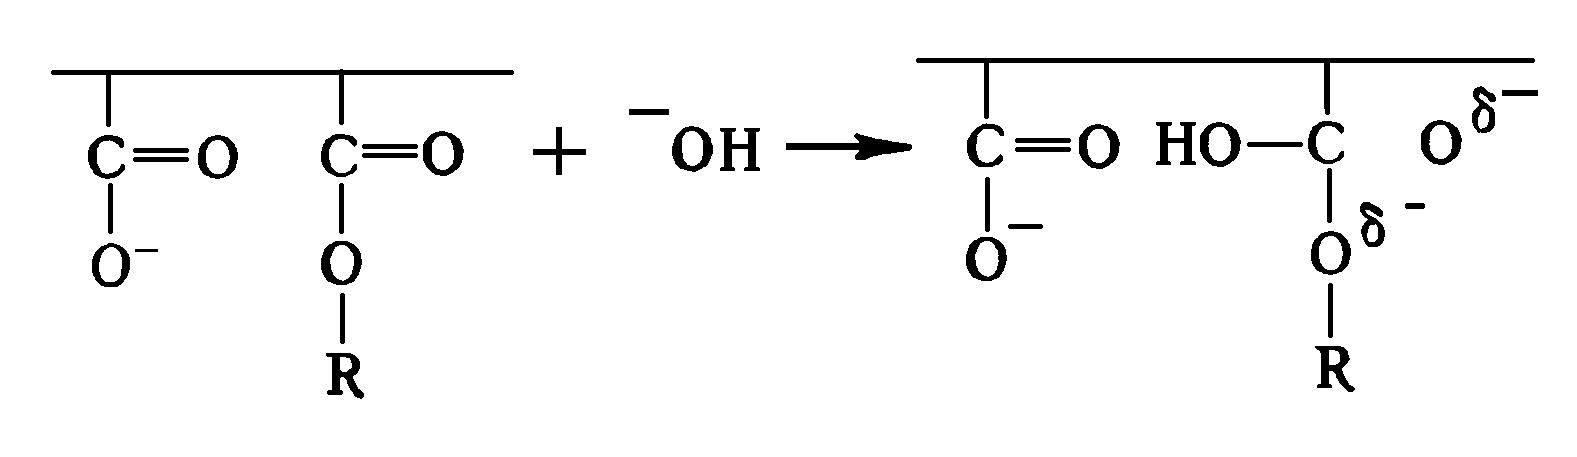 полимераналогичные превращения реакции